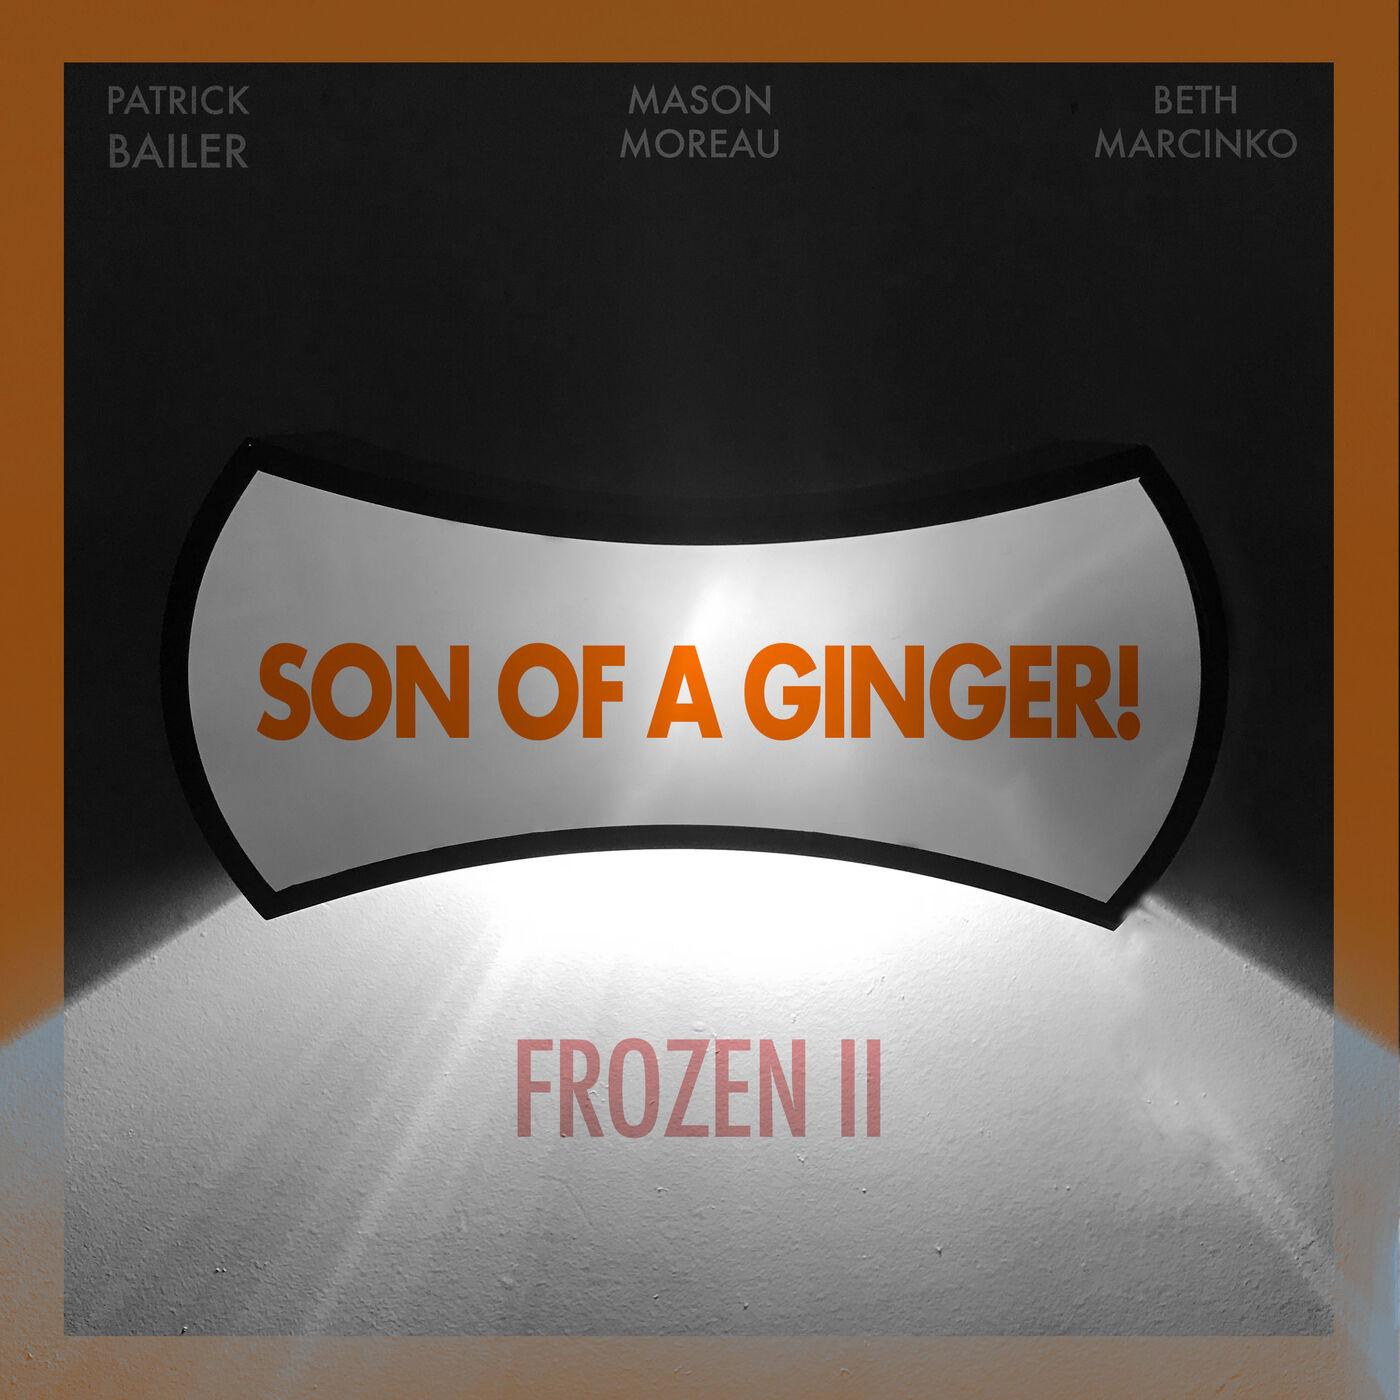 Frozen II (Dir. by Chris Buck and Jennifer Lee)